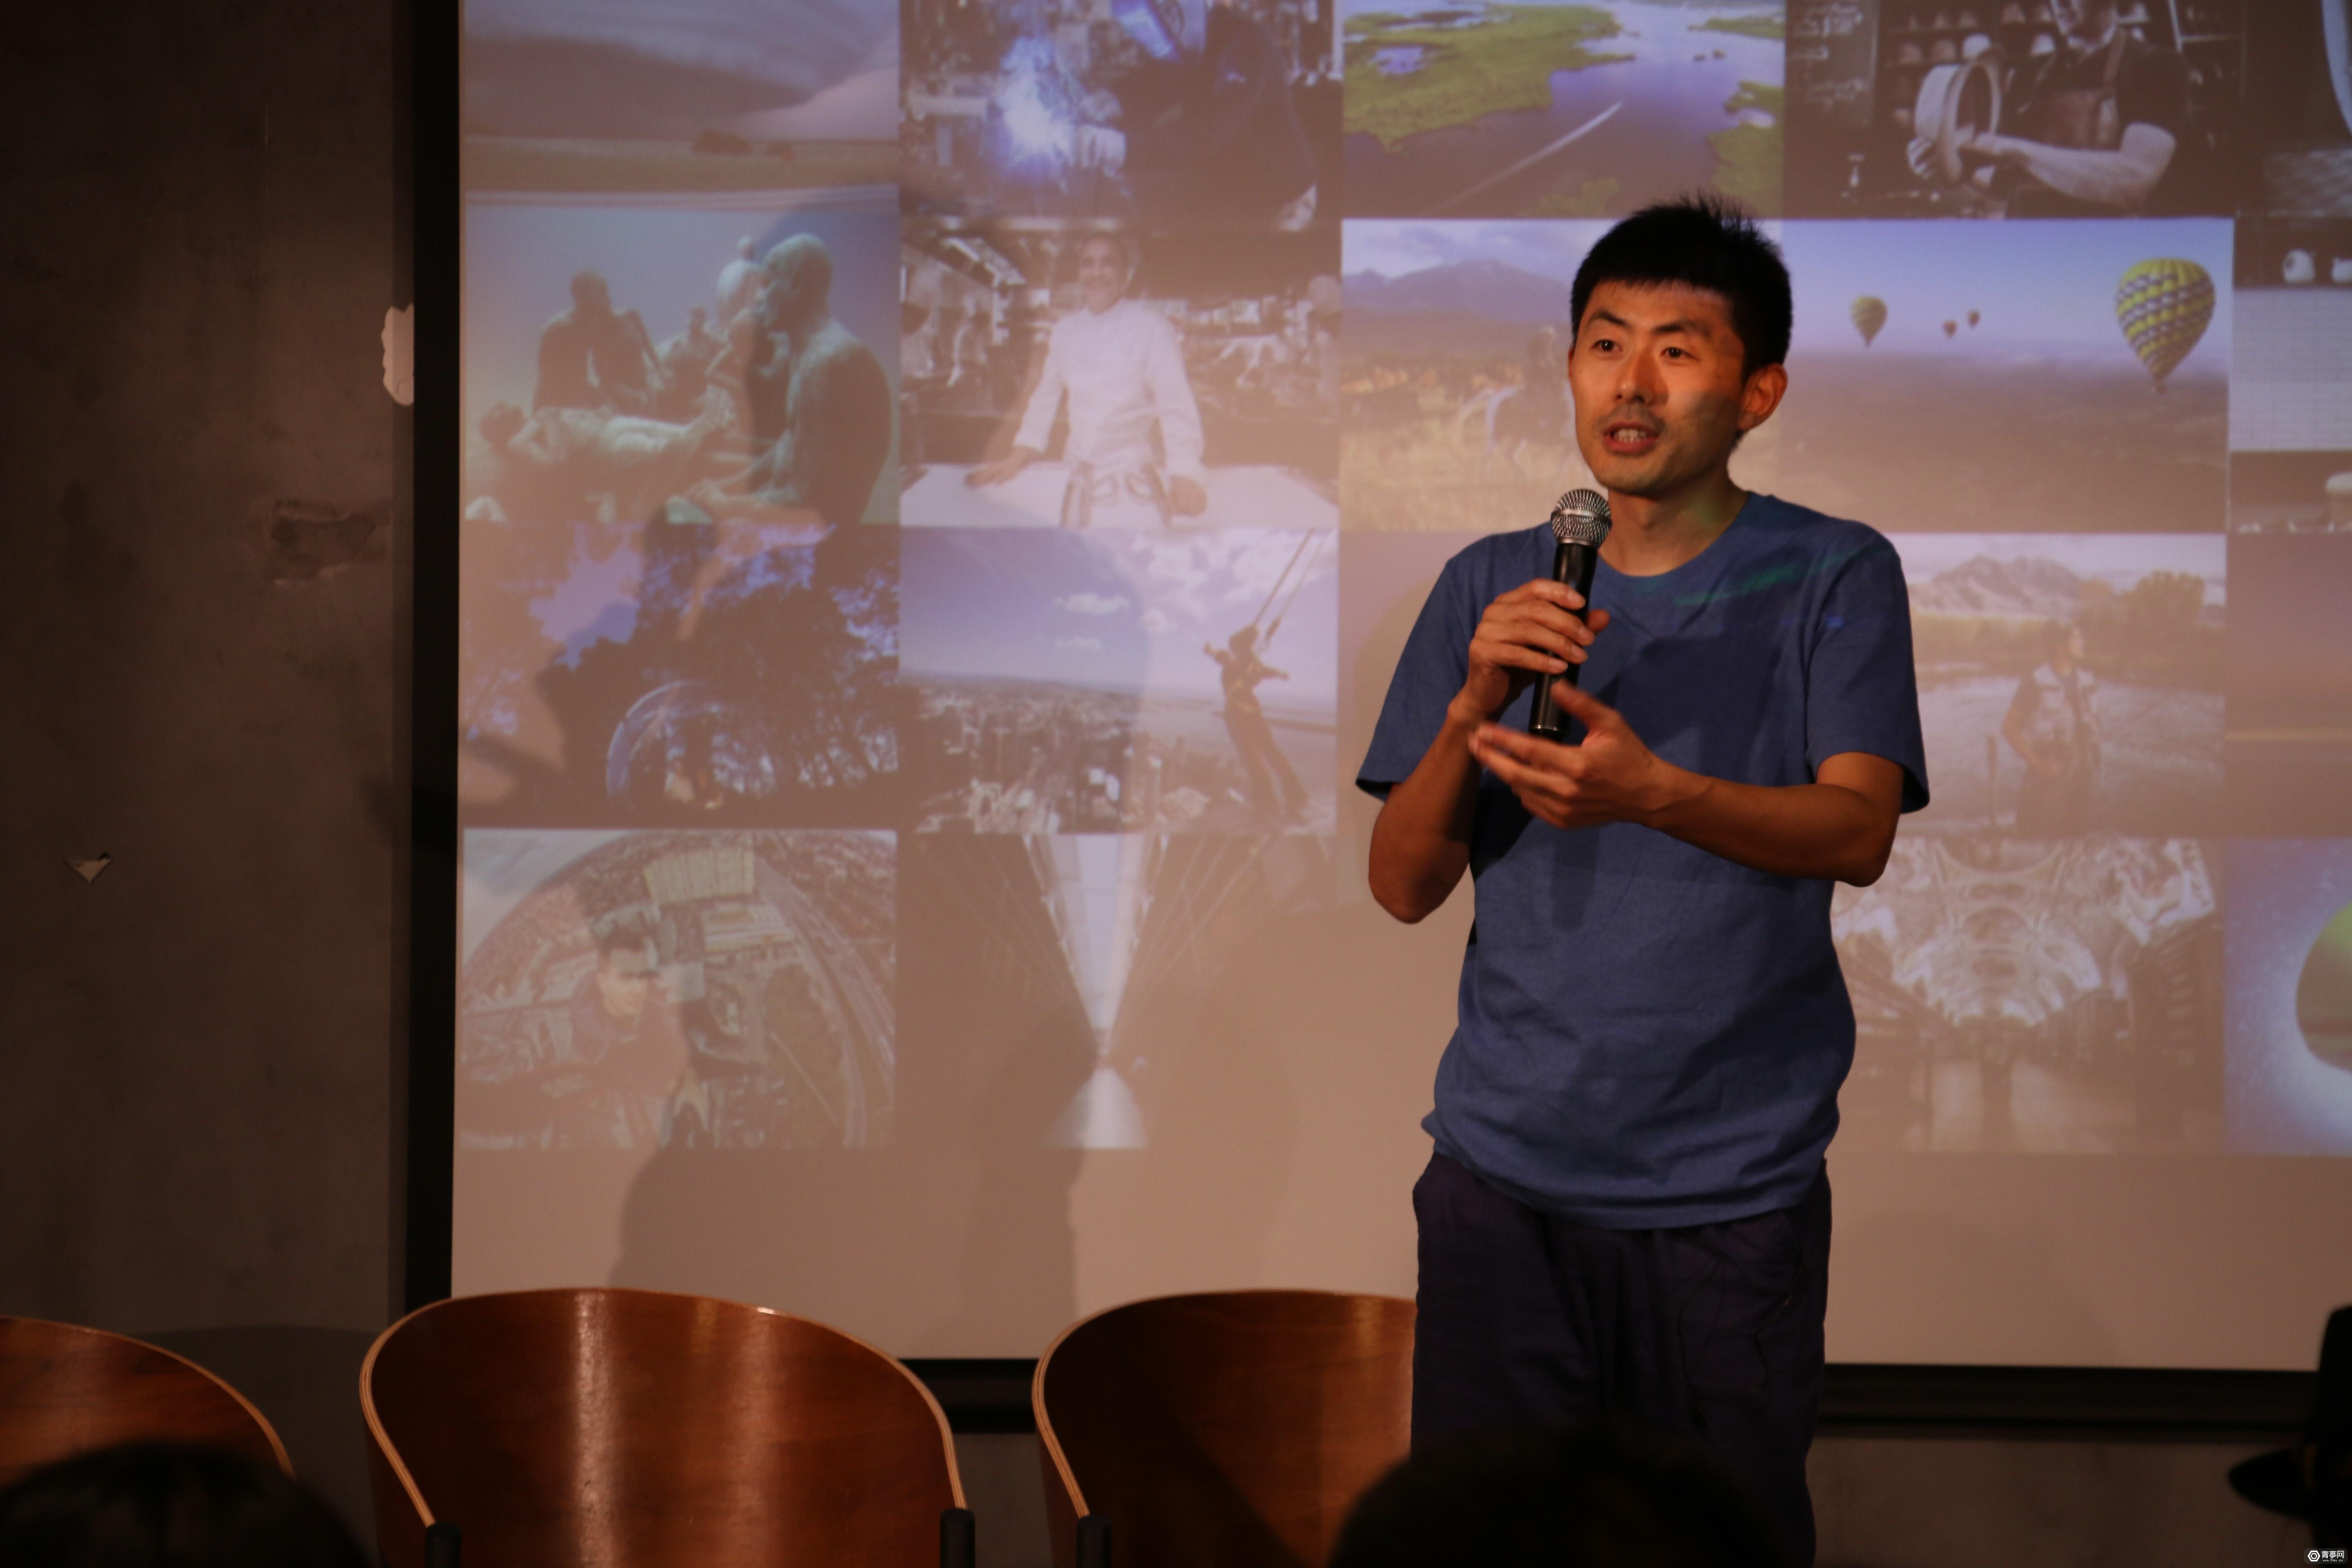 《奇遇》VR纪录片及图书发布,艾美奖导演赵琦耗费16月制作,已登录爱奇艺等平台